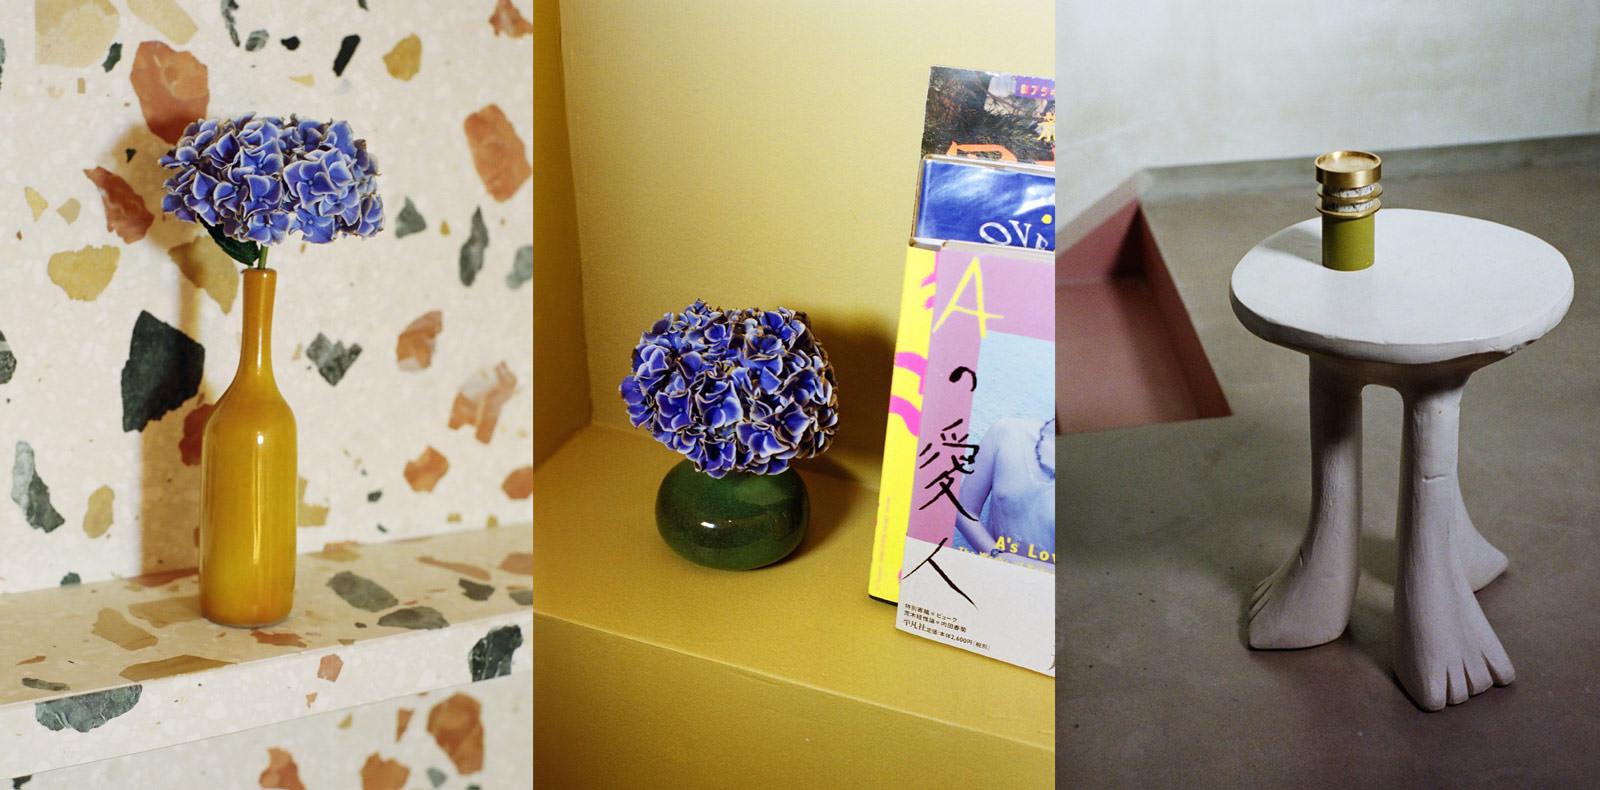 Sans titre (2016)  Sans titre (2016), une exposition au sein d'un appartement privé, installé rive gauche, sur les quais de la Seine, quiréunit les travaux de jeunes artistes et de créateurs plus confirmés, et organisée parMarie Madec, jeune passionée d'art,de design, de mode, de littérature… Soutenue par trois excellentes galeries internationales – Balice Hertling à Paris, The Third Line à Dubai et LAMB Arts à Londres, Marie Madecexpose déjà des noms très en vue de l'art contemporain. On retrouve dès la cuisine deux vitres installées au plafond, signées du Français Neil Beloufa, exposé actuellement au MoMa deNew York, ou encore une toile du Californien Will Benedict, auquel la galerie Bortolami avait consacré son stand lors de la dernière FIAC. Mais la jeune curatrice propose aussi quelques cadeauxcomme une œuvre d'Eliza Douglas. Un nom qui résonnera certainement aux oreilles des spécialistes de mode puisque cette ancienne muse d'Helmut Newton a ouvert le dernier showBalenciagaet fermé celui deVetements. Mais l'exposition-expérience réserve plein d'autres surprises...  Sans titre (2016)se visite uniquement sur rendez-vous, www.sanstitre2016.com, contact@sanstitre2016.com, tél. : 06 11 85 83 83.  Retrouvez l'article intégral de l'exposition.